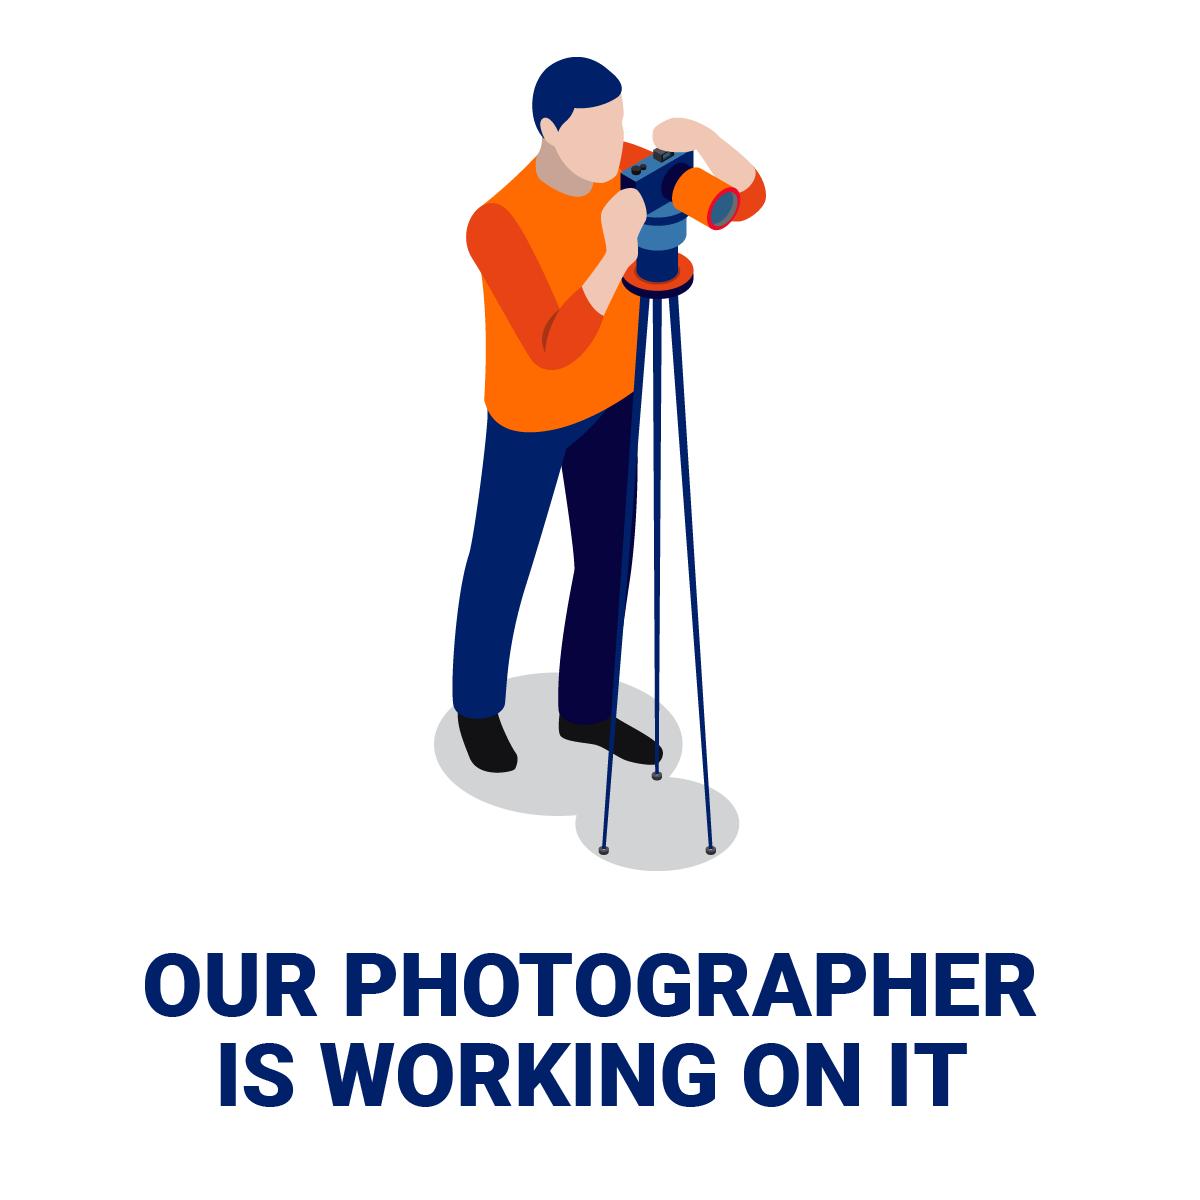 H0H89 R730 FAN5